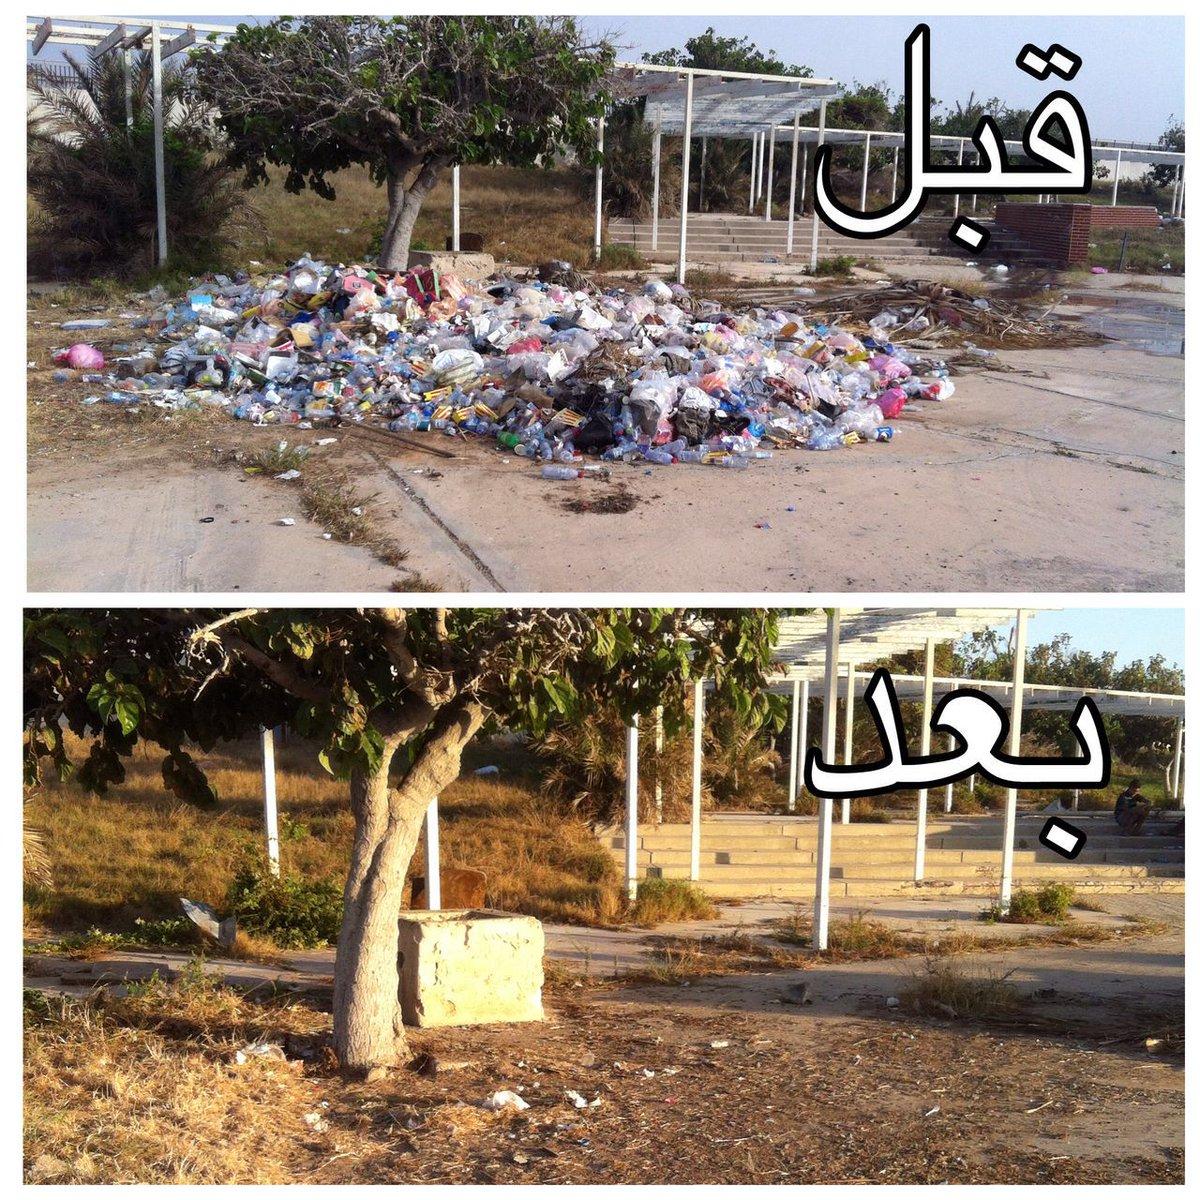 شكرا لي كل من حضر اليوم. مشالله كان يوم حلو و قدرنا نديرو الكثير من التنظيف.  #ليبيا #شباب_ليبيا #تطوع #هديه_العيد https://t.co/akWsoYPDH0